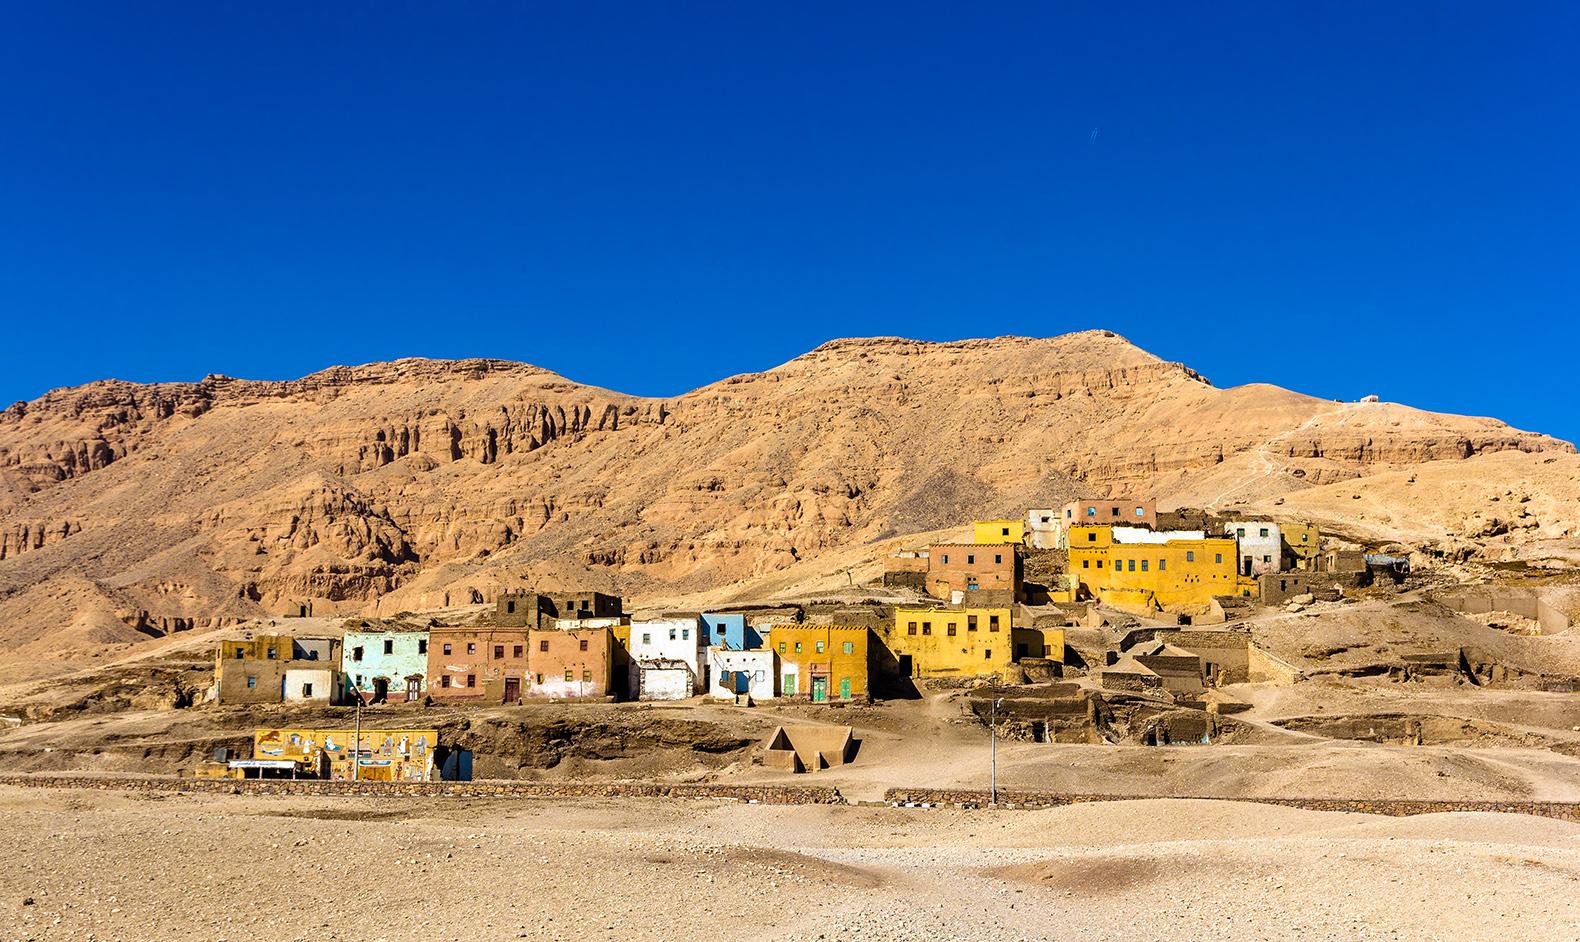 Египетские исследователи разработали экономичный способ для очистки соленой воды за считанные минуты